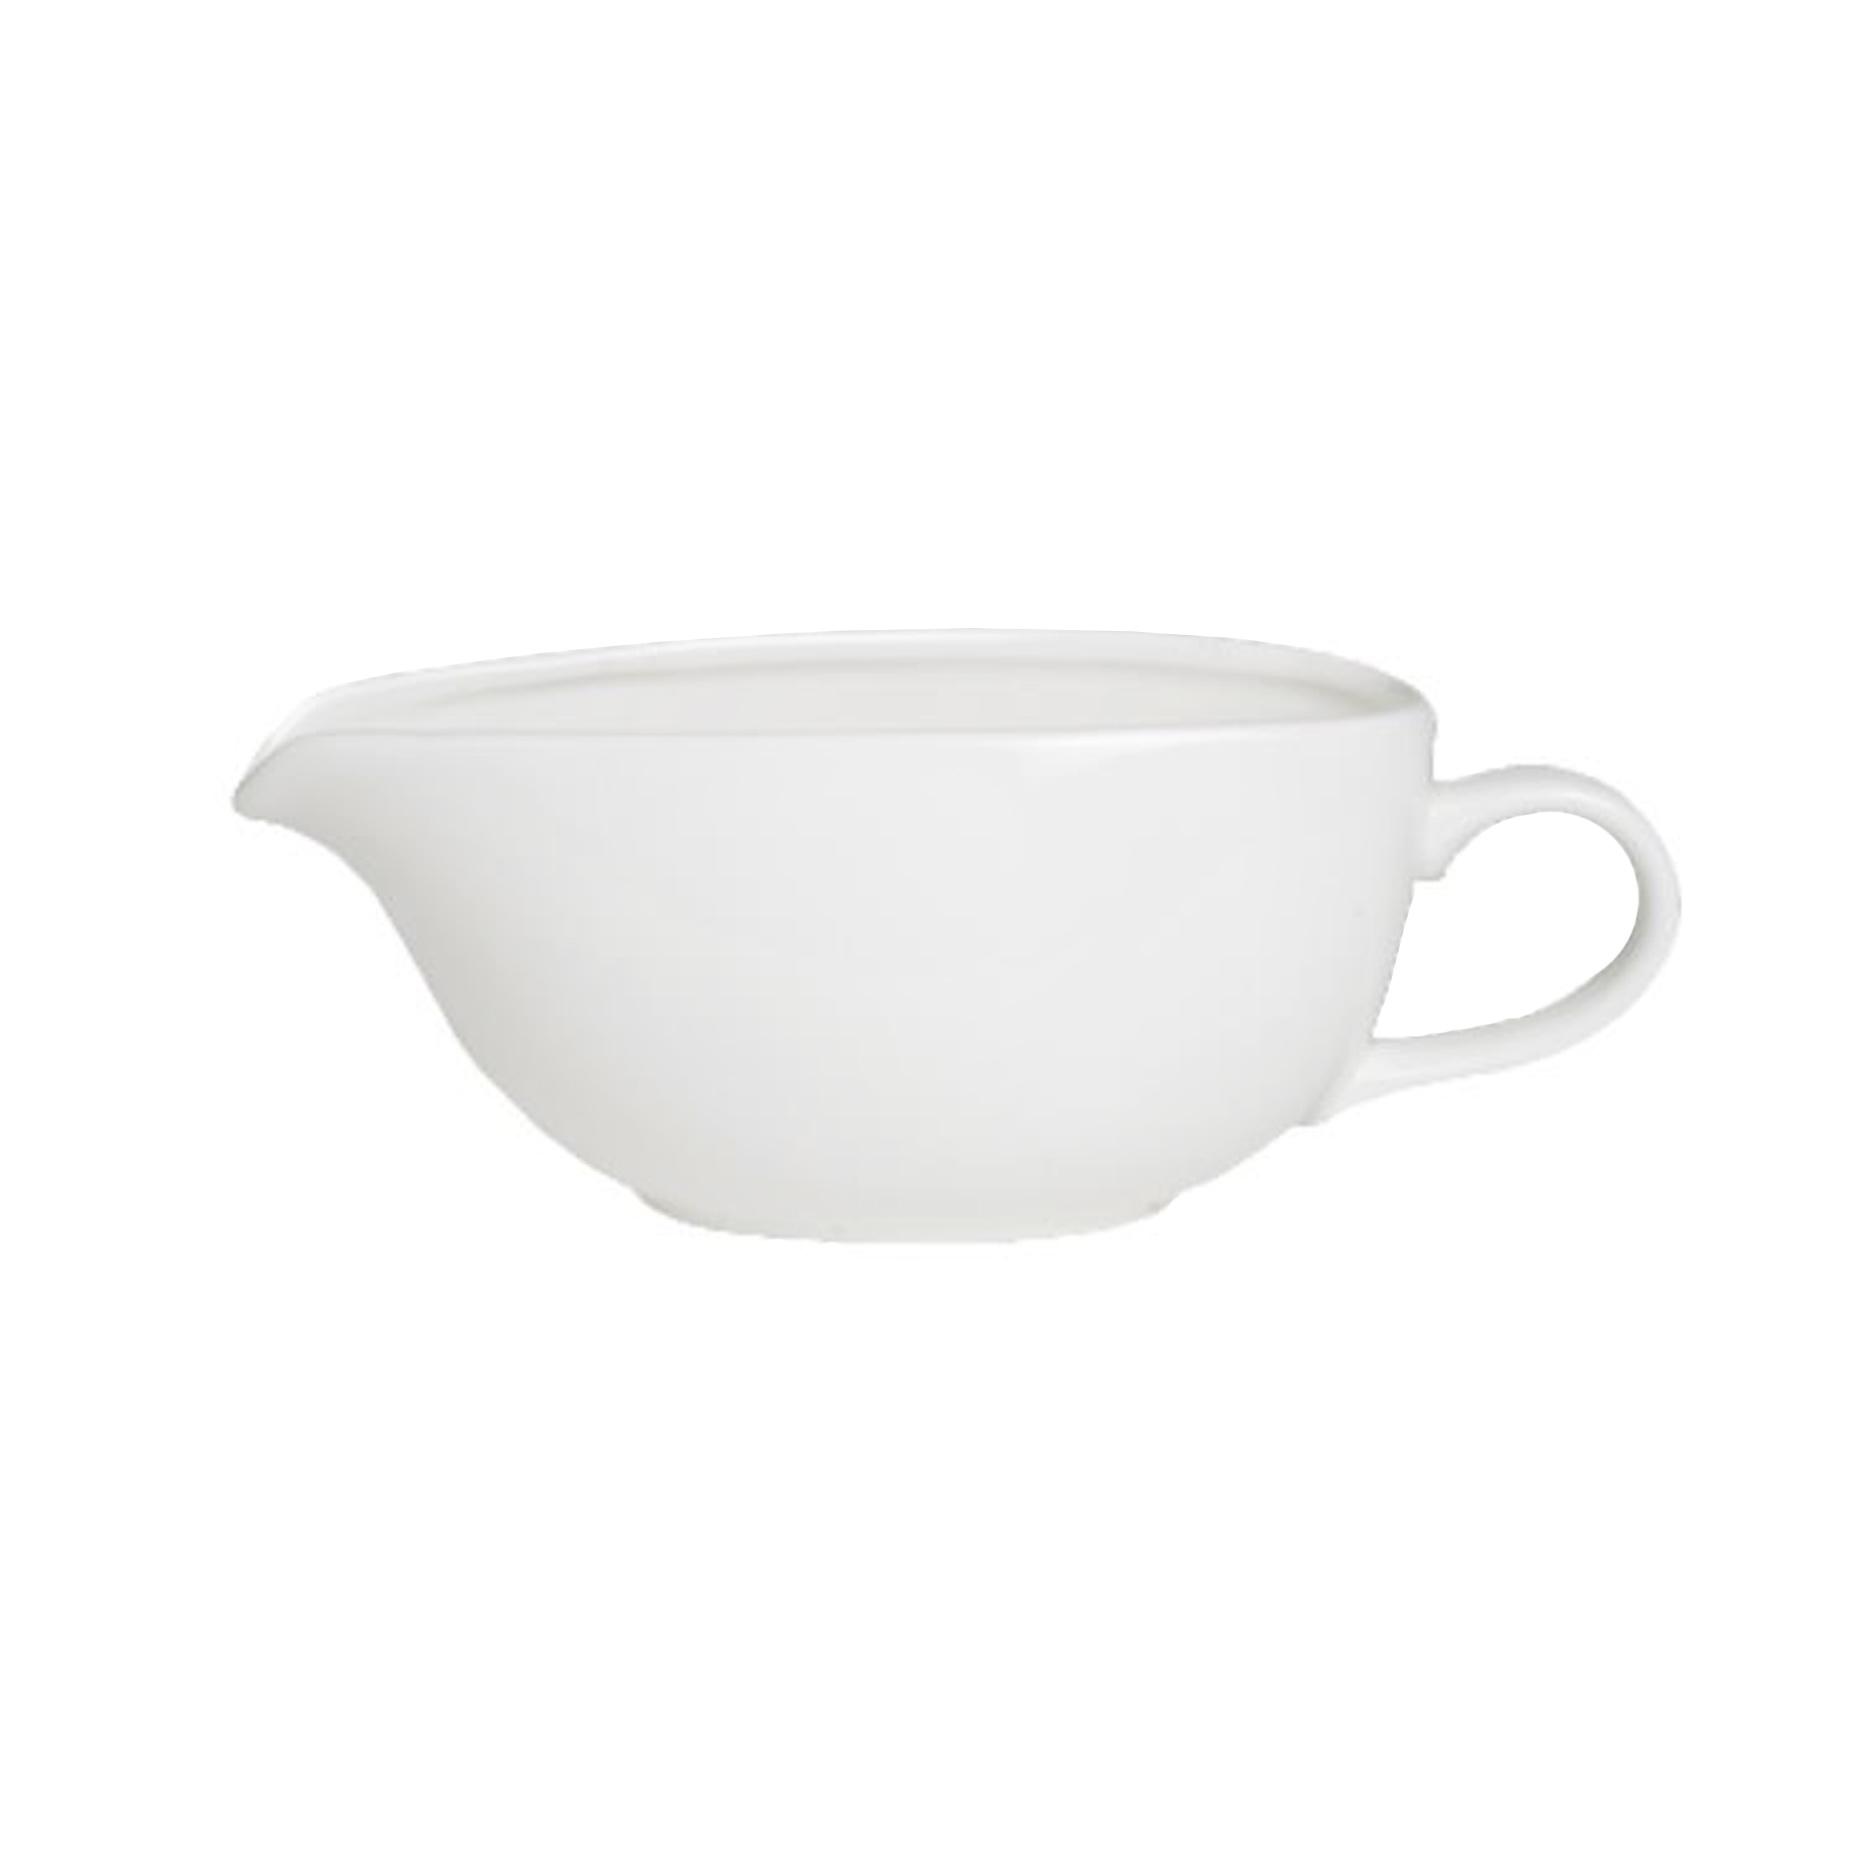 porcelain gravy boat 12.5oz